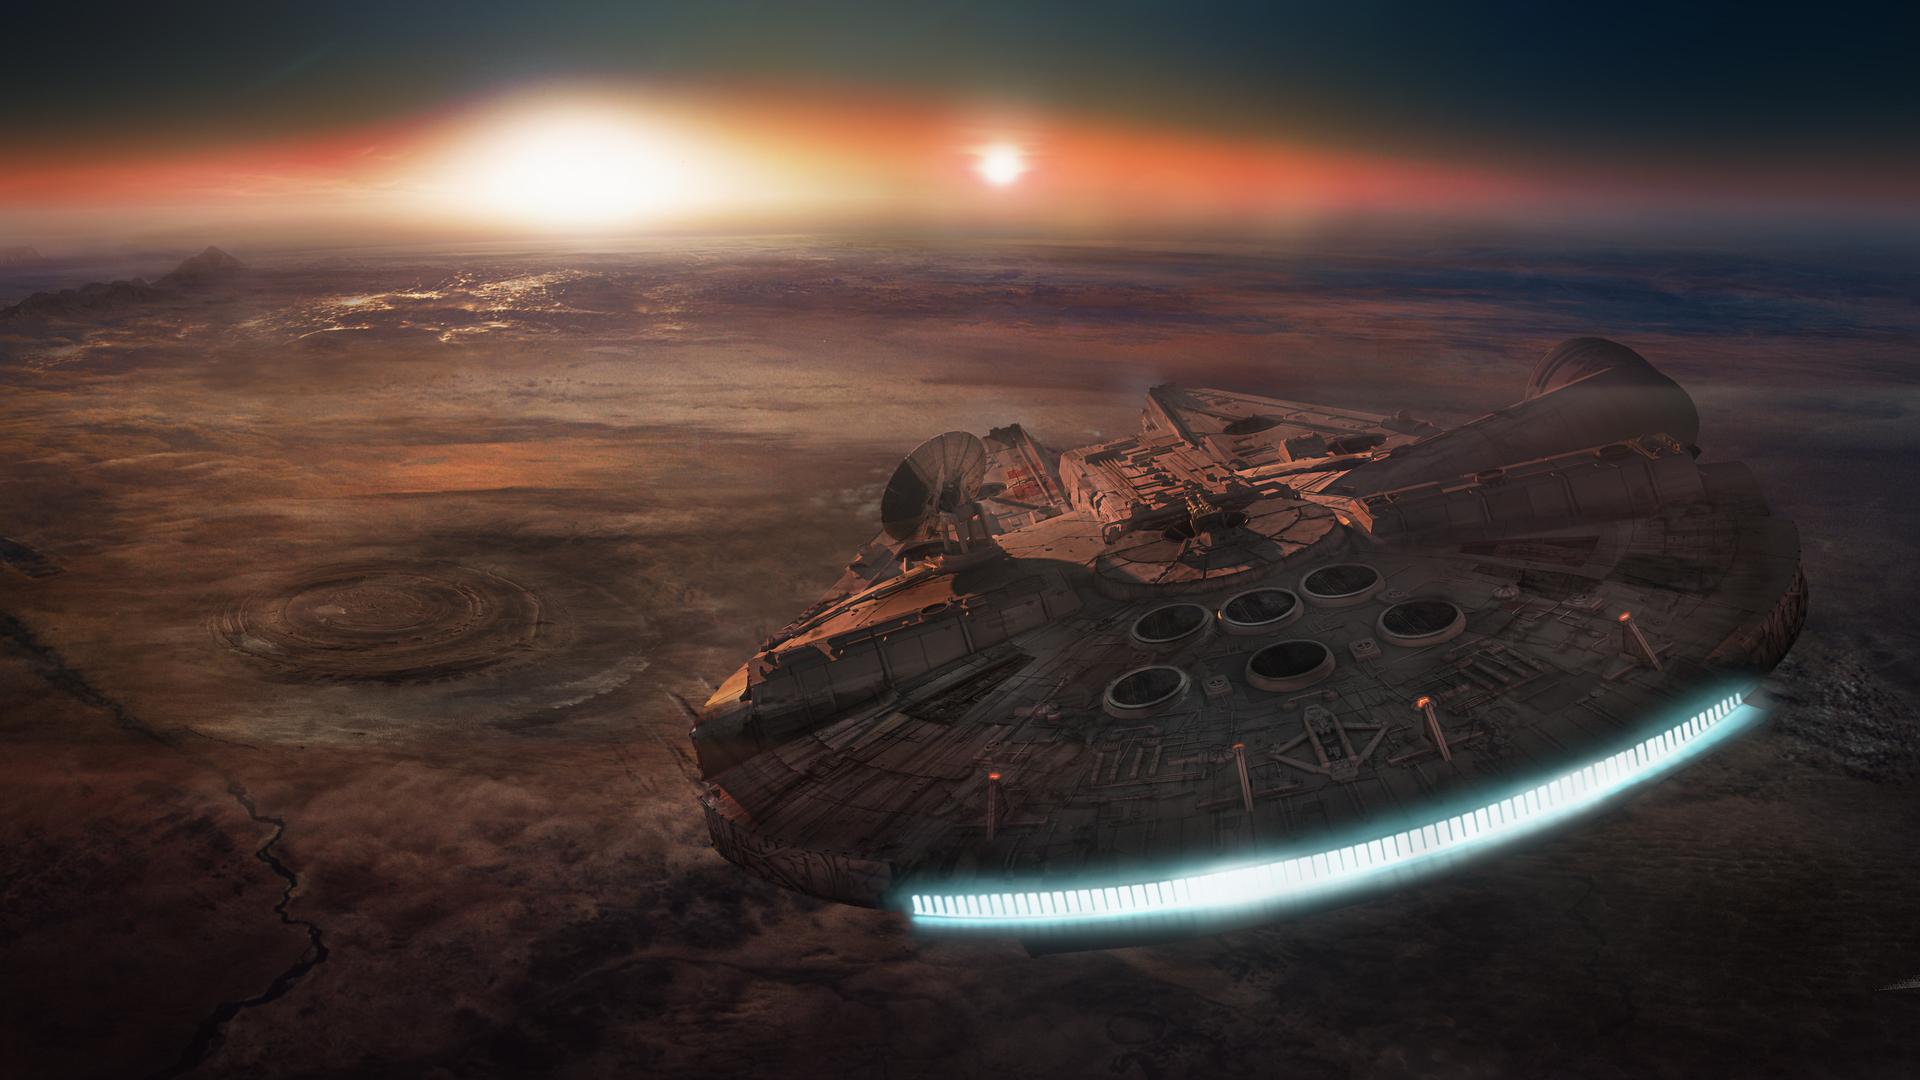 1920x1080 Space Scifi Star Wars Episode Fan Art 3 Dimensional Laptop